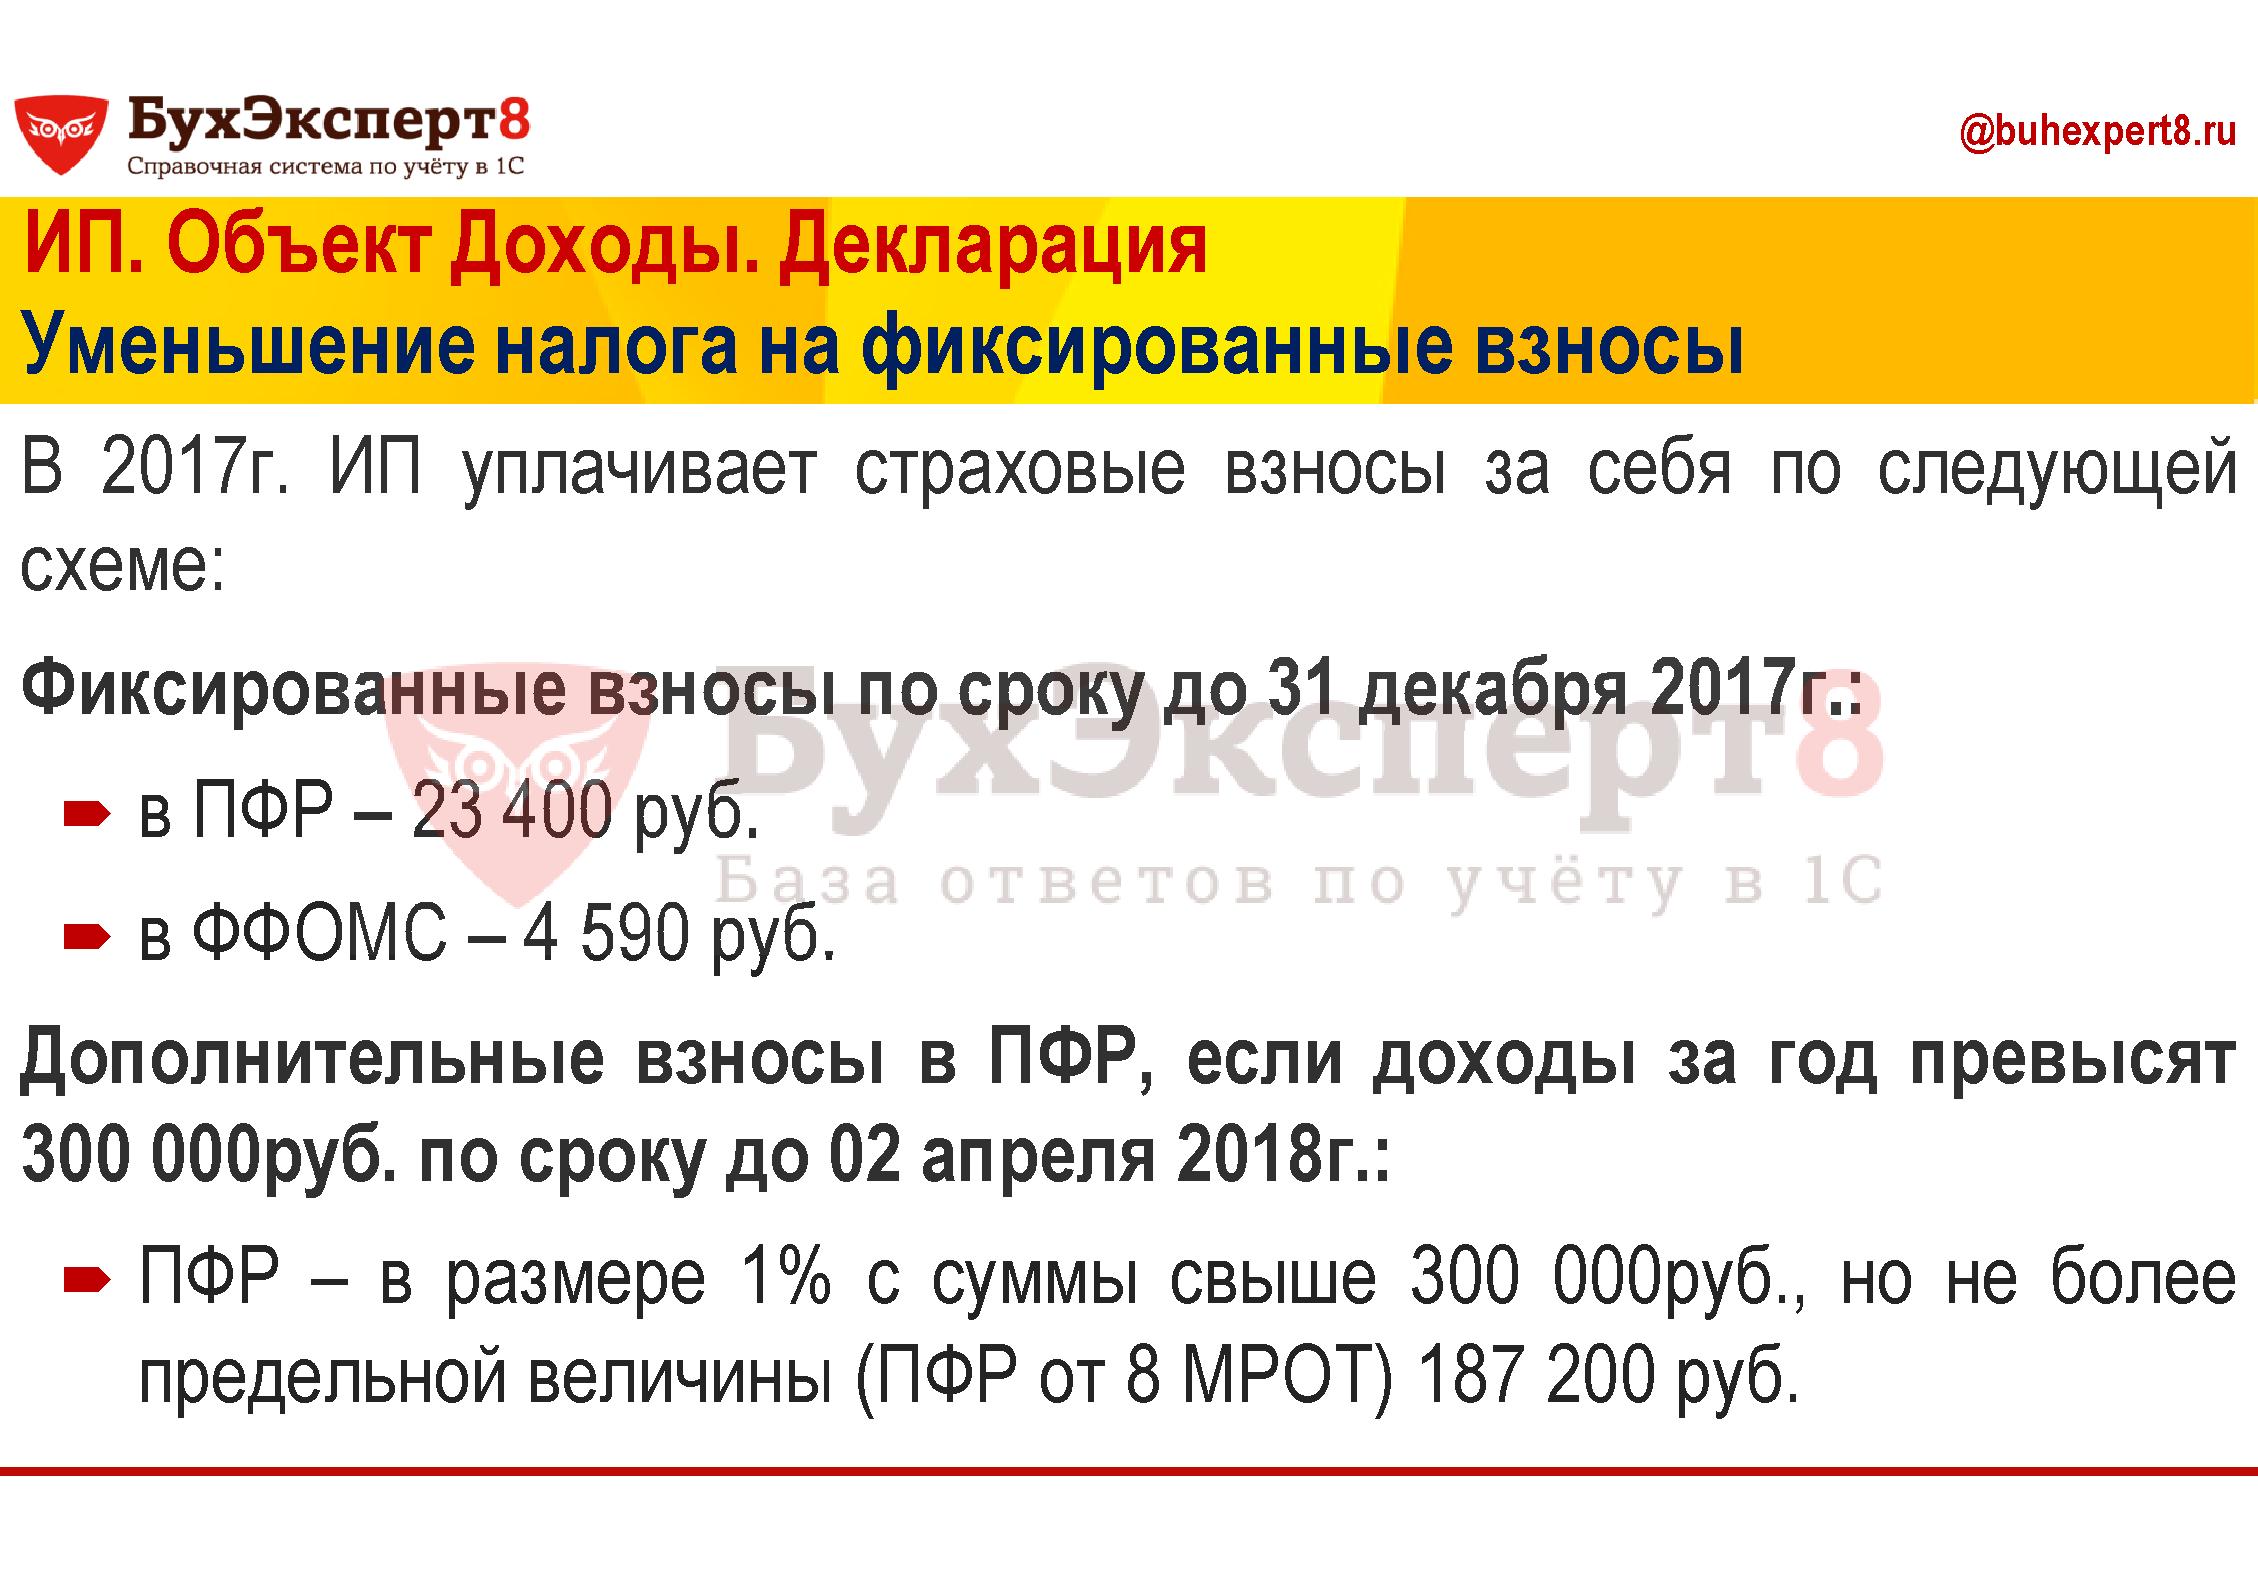 В 2017г. ИП уплачивает страховые взносы за себя по следующей схеме: Фиксированные взносы по сроку до 31 декабря 2017г.: в ПФР – 23 400 руб. в ФФОМС – 4 590 руб. Дополнительные взносы в ПФР, если доходы за год превысят 300 000руб. по сроку до 02 апреля 2018г.: ПФР – в размере 1% с суммы свыше 300 000руб., но не более предельной величины (ПФР от 8 МРОТ) 187 200 руб.